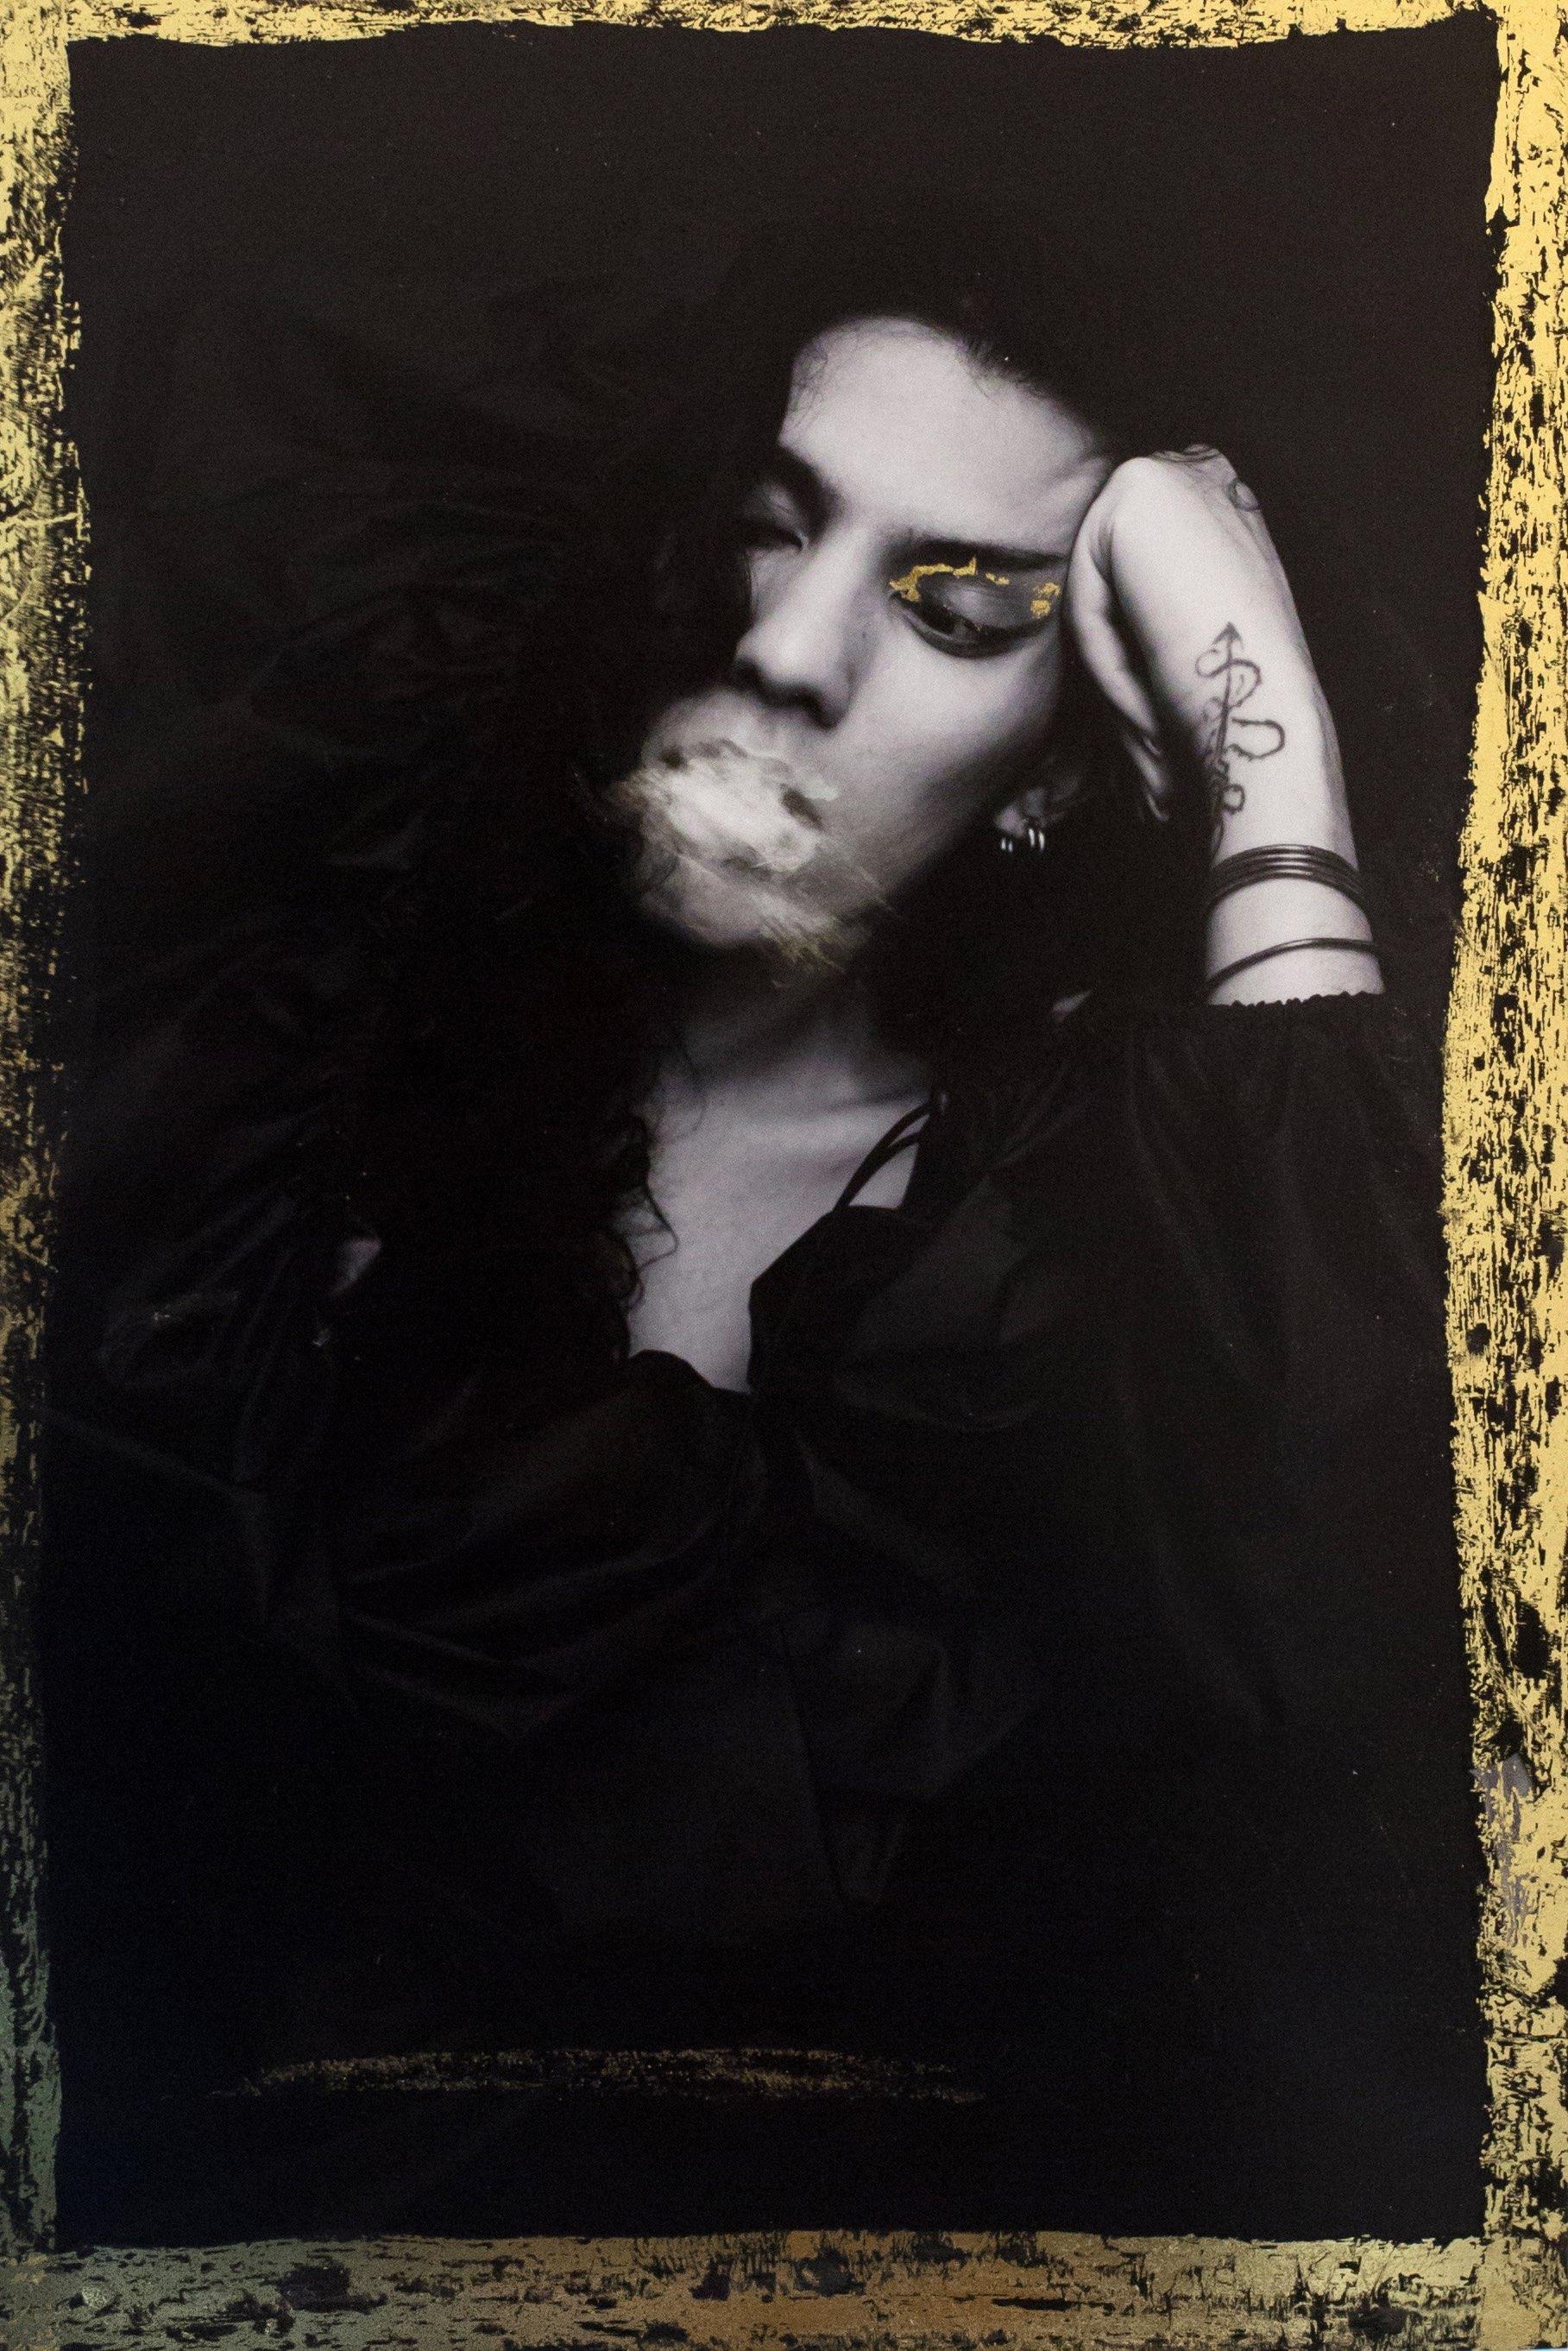 Manteau avec couverture en Nylon, Y/Project (collection homme printemps-été 2019). Maquillage et coiffure : Virginie Delin avec Marc Jacobs en Makeup. Merci à Léa Zetlaoui.